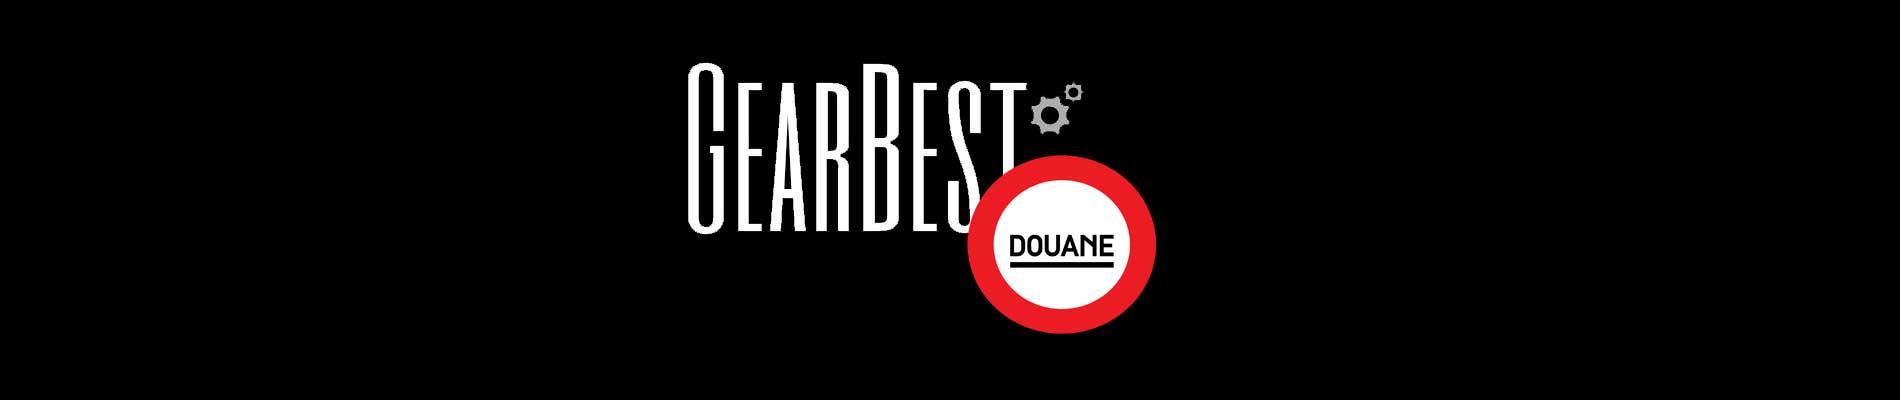 GearBest-douane